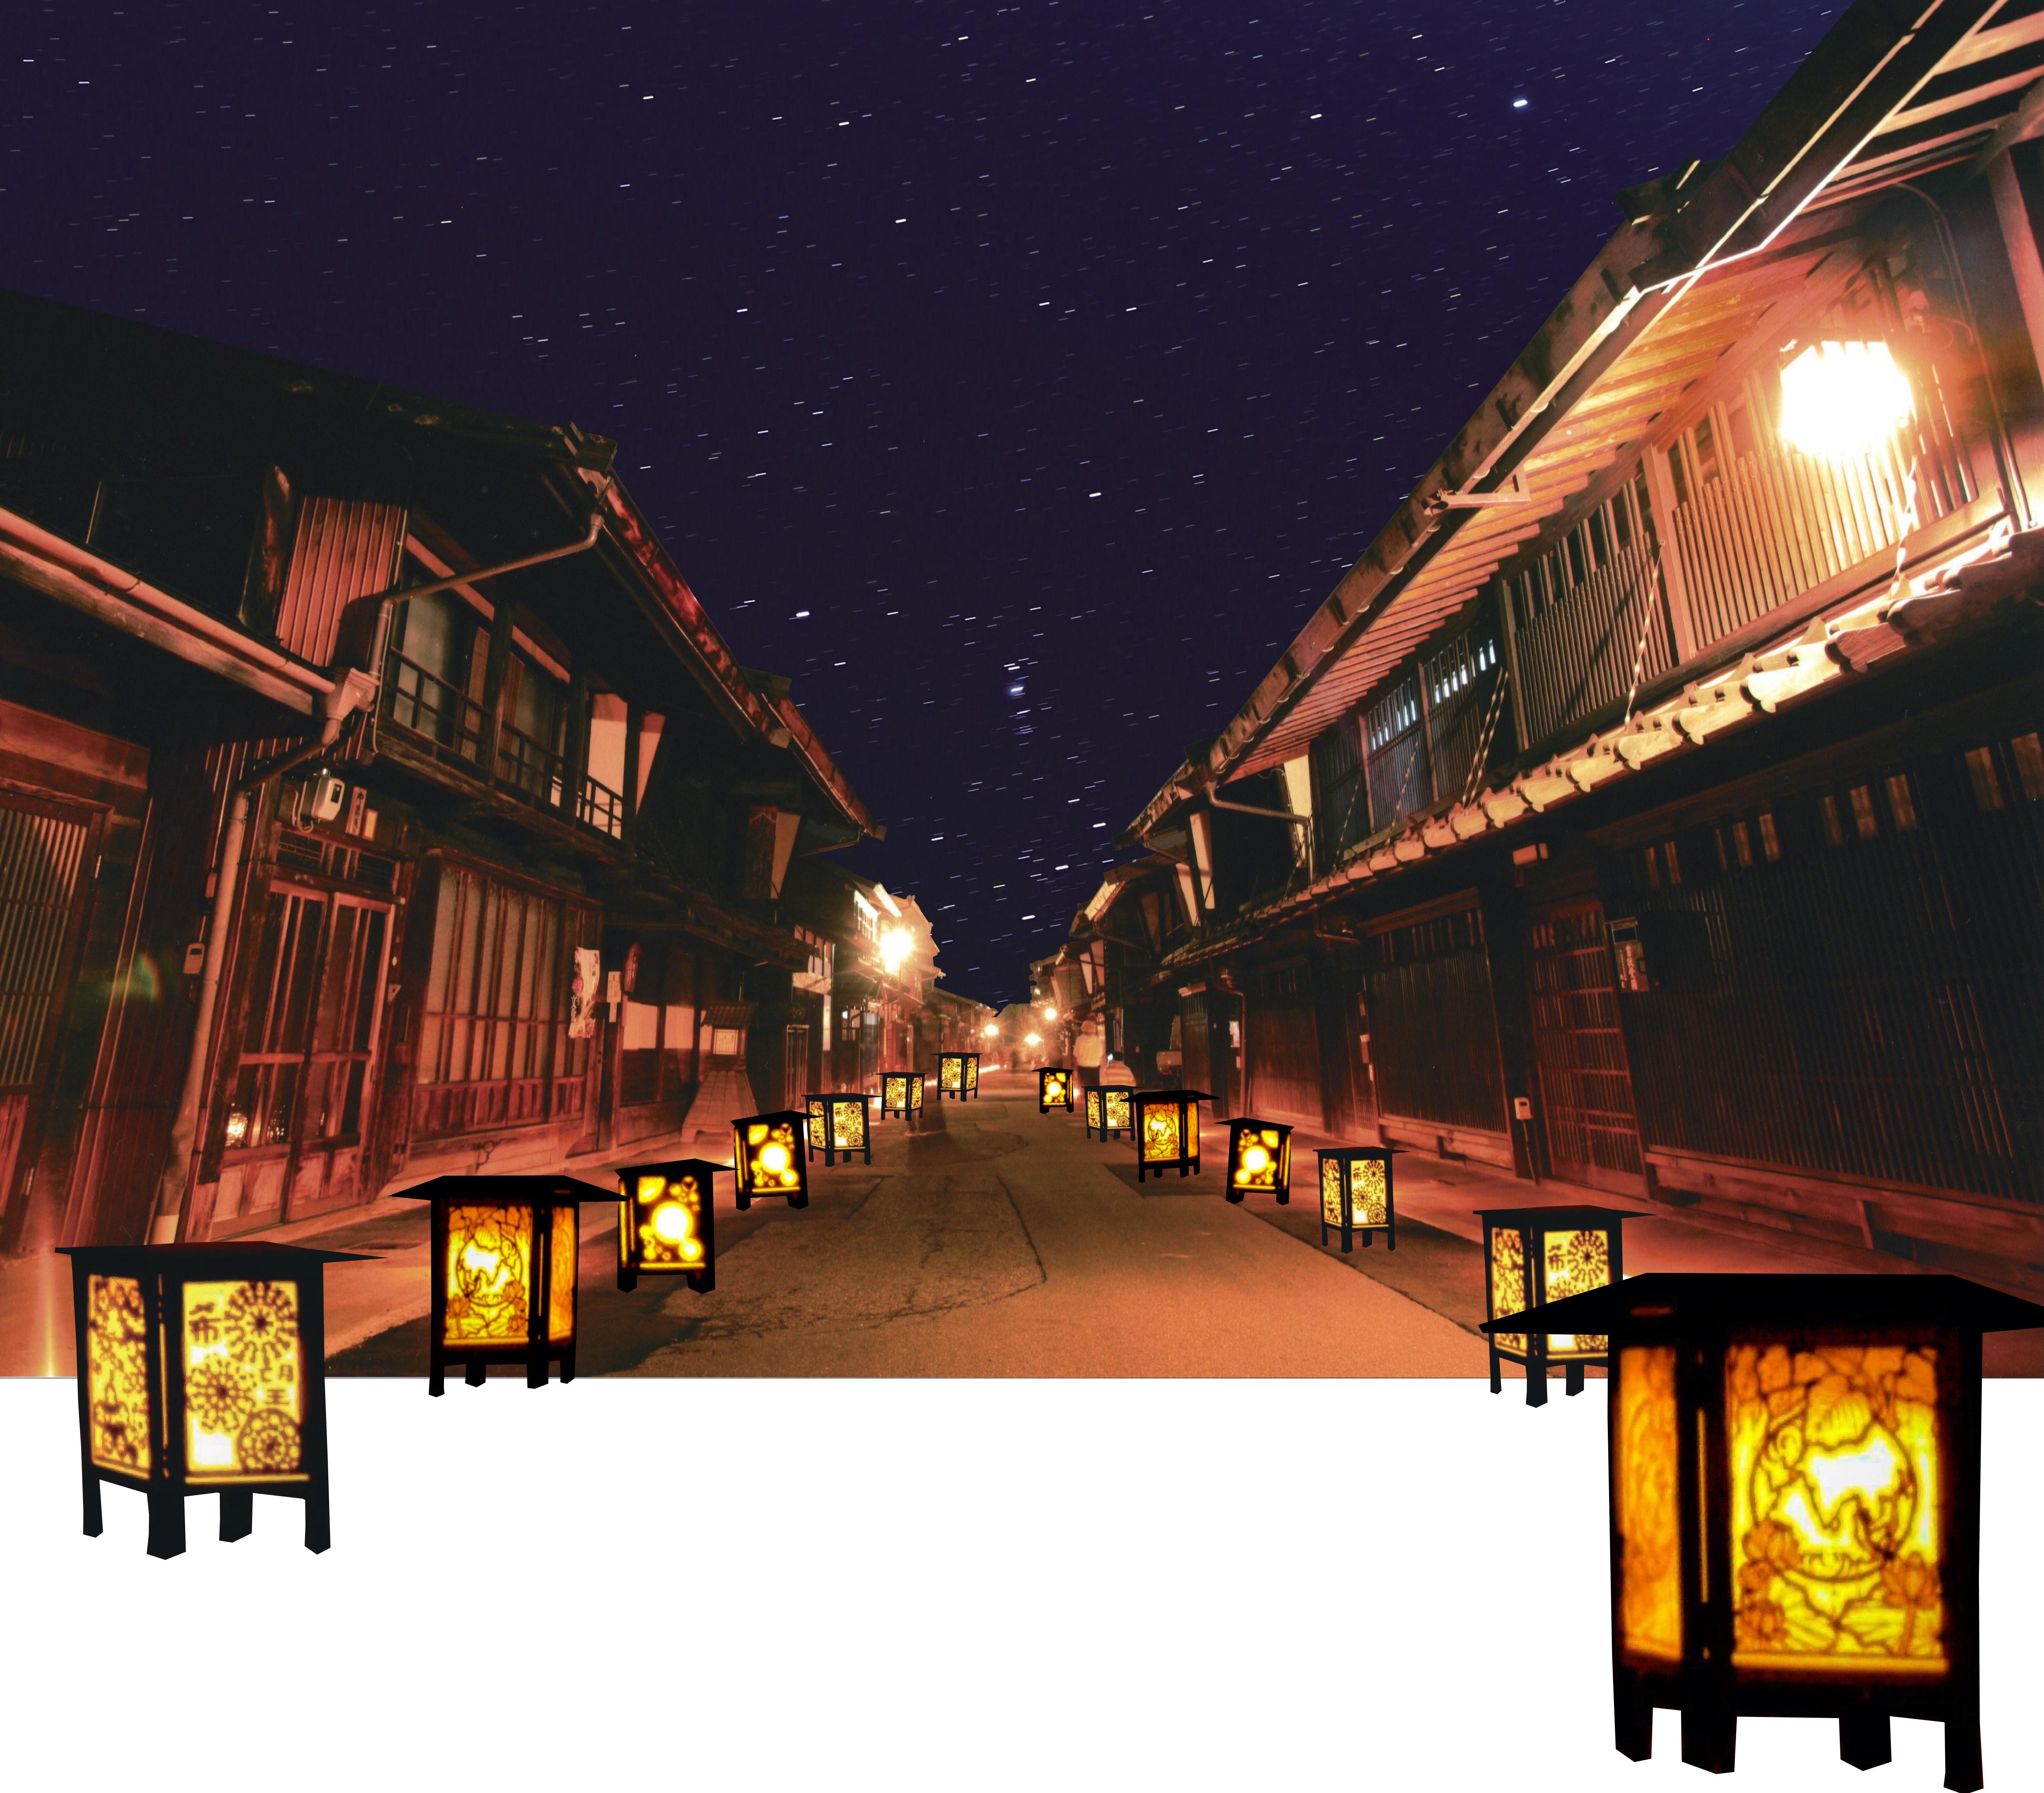 長野灯明まつり in 奈良井宿